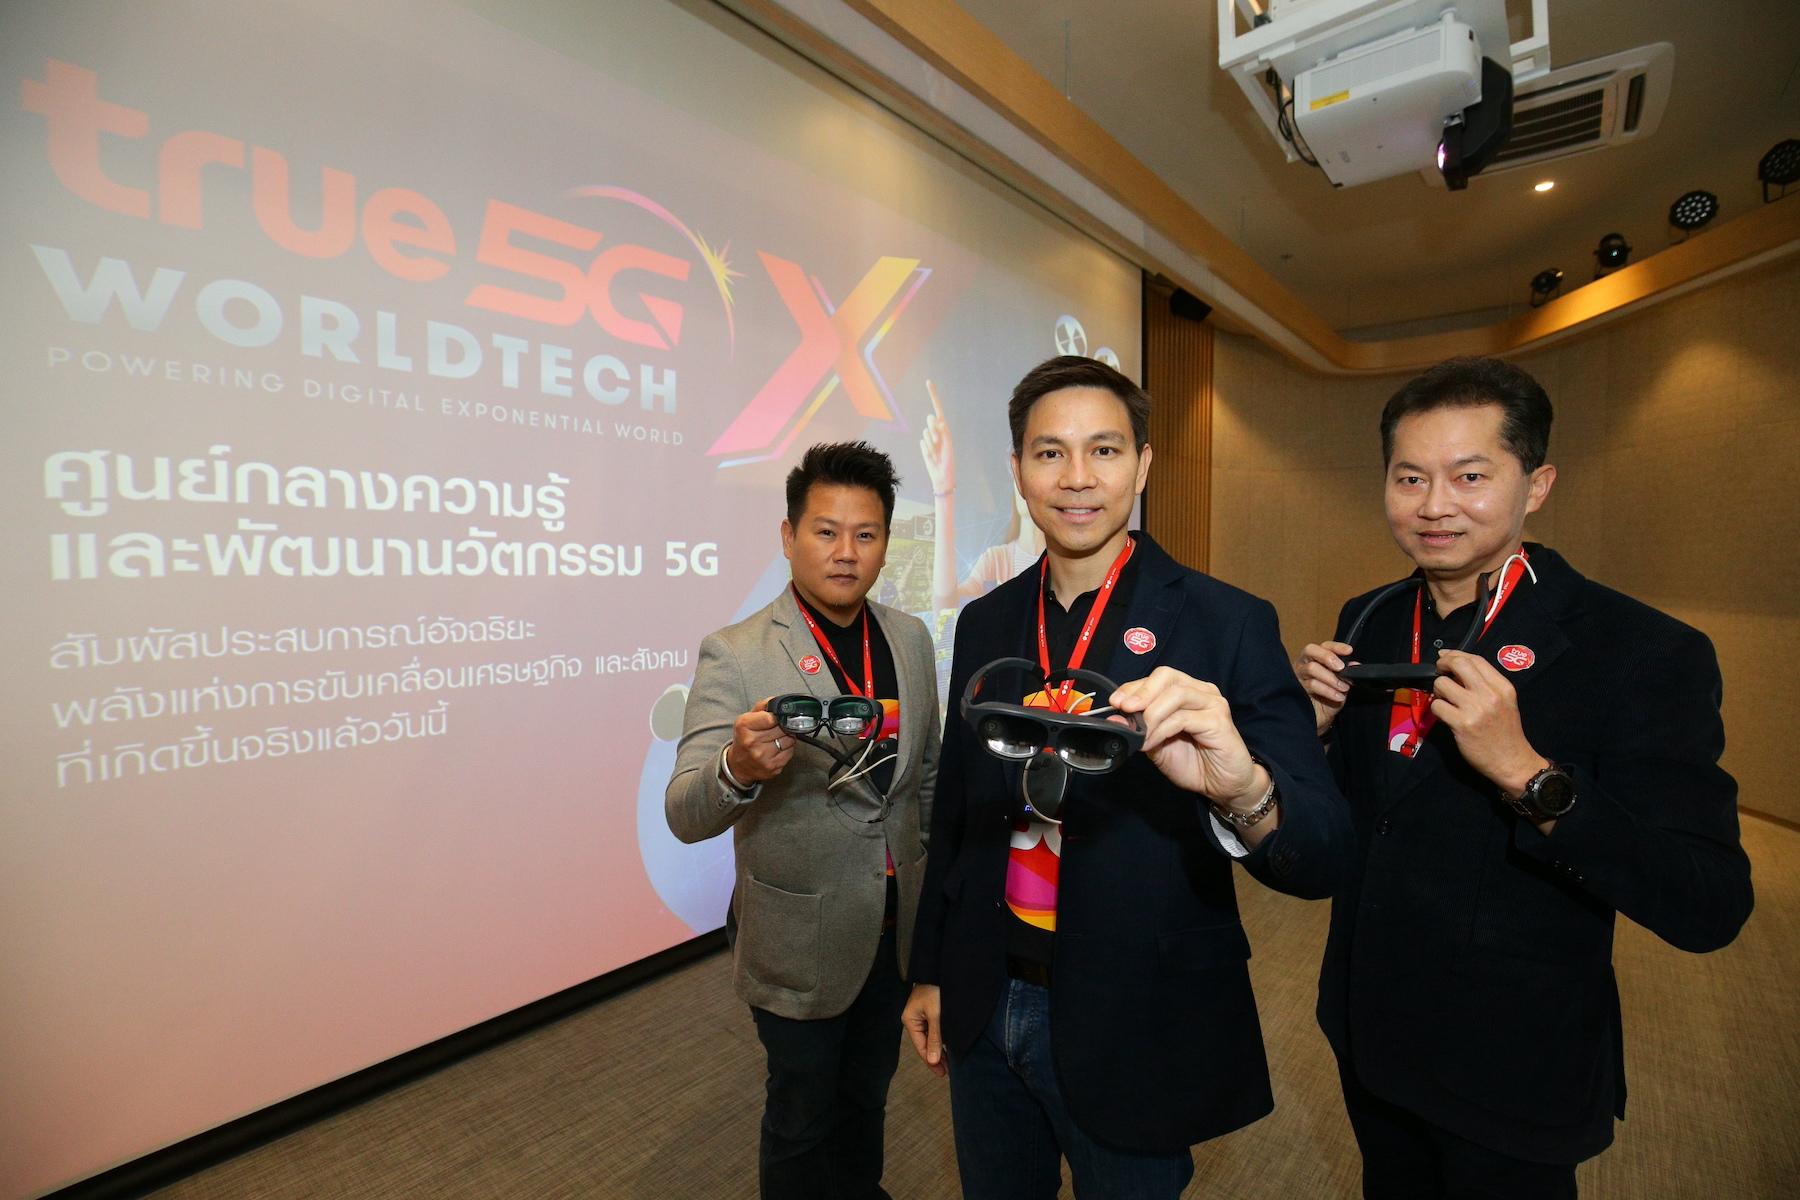 พาชมงาน True 5G Worldtech X มิติใหม่แห่งนวัตกรรม 5G ขับเคลื่อนเศรษฐกิจและสังคม ที่ ทรู ดิจิทัล พาร์ค